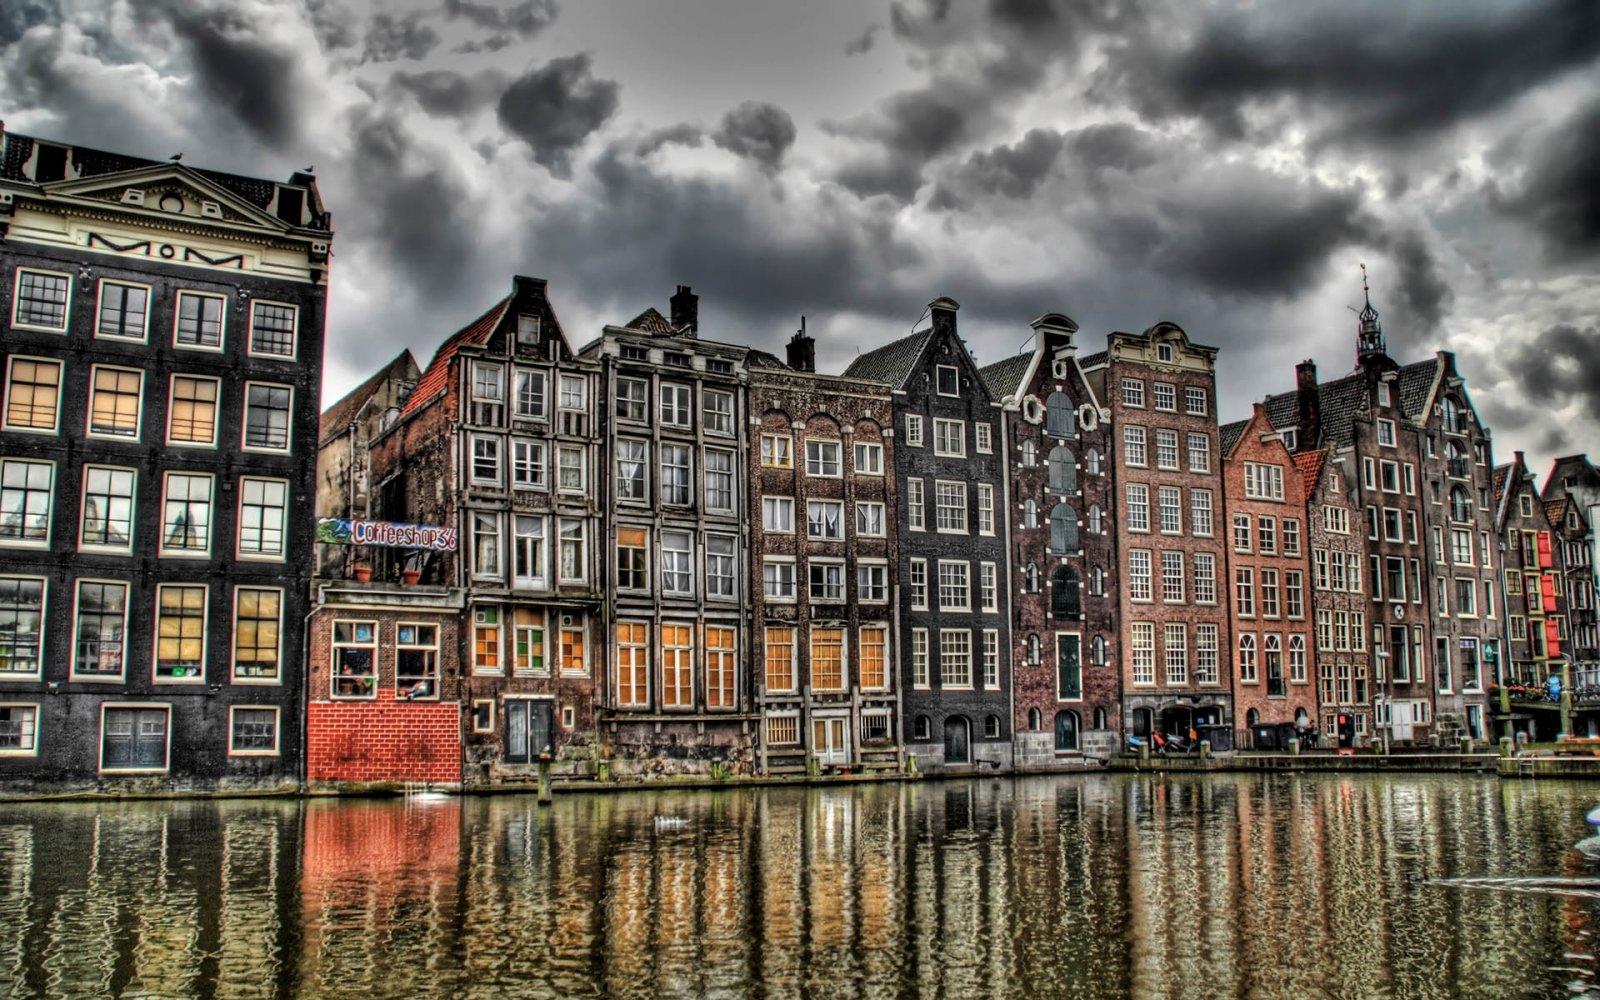 Обзорная пешеходная экскурсия по Амстердаму